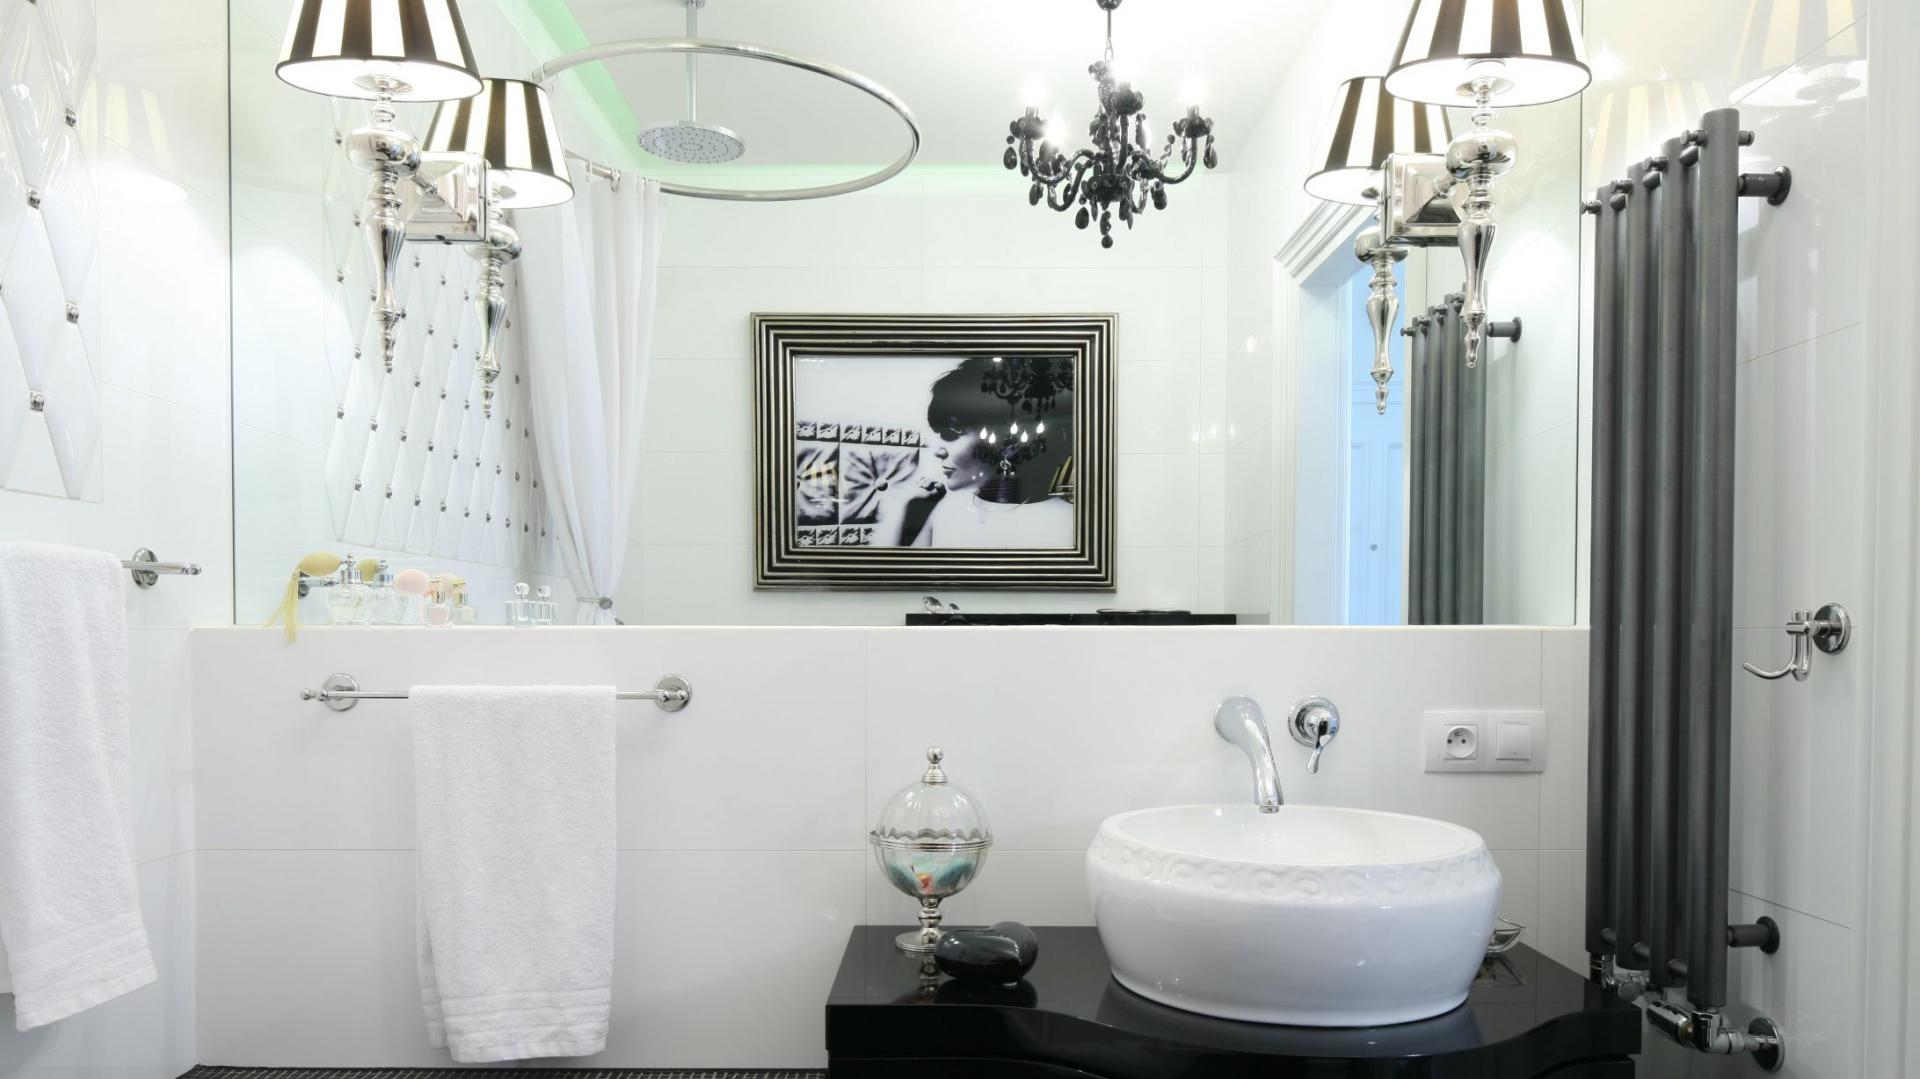 Czarno-białe wnętrze glamour, dzięki ogromnej tafli lustra ulokowanej na jednej ze ścian, zachwyca podwójnie. Projekt Małgorzata Galewska. Fot. Bartosz Jarosz.